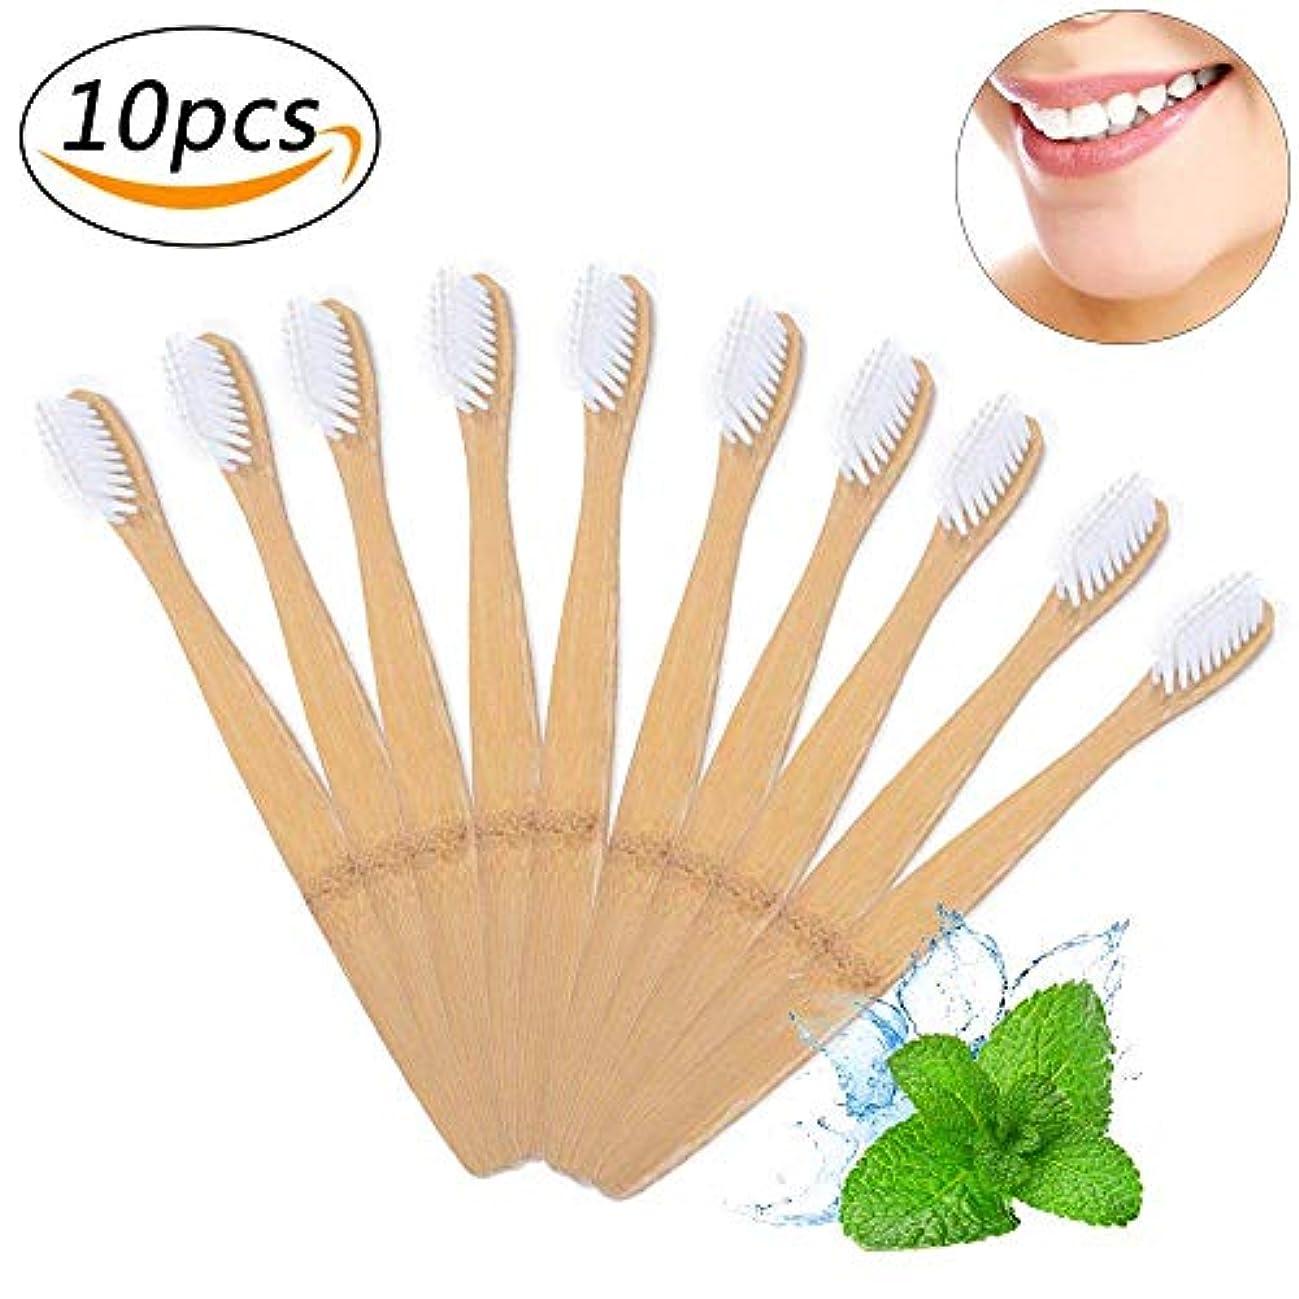 ペフゴミ箱を空にする和竹の歯ブラシ 環境保護の歯ブラシ 柔らかいブラシ 分解性 耐久性 ホワイト 10本入